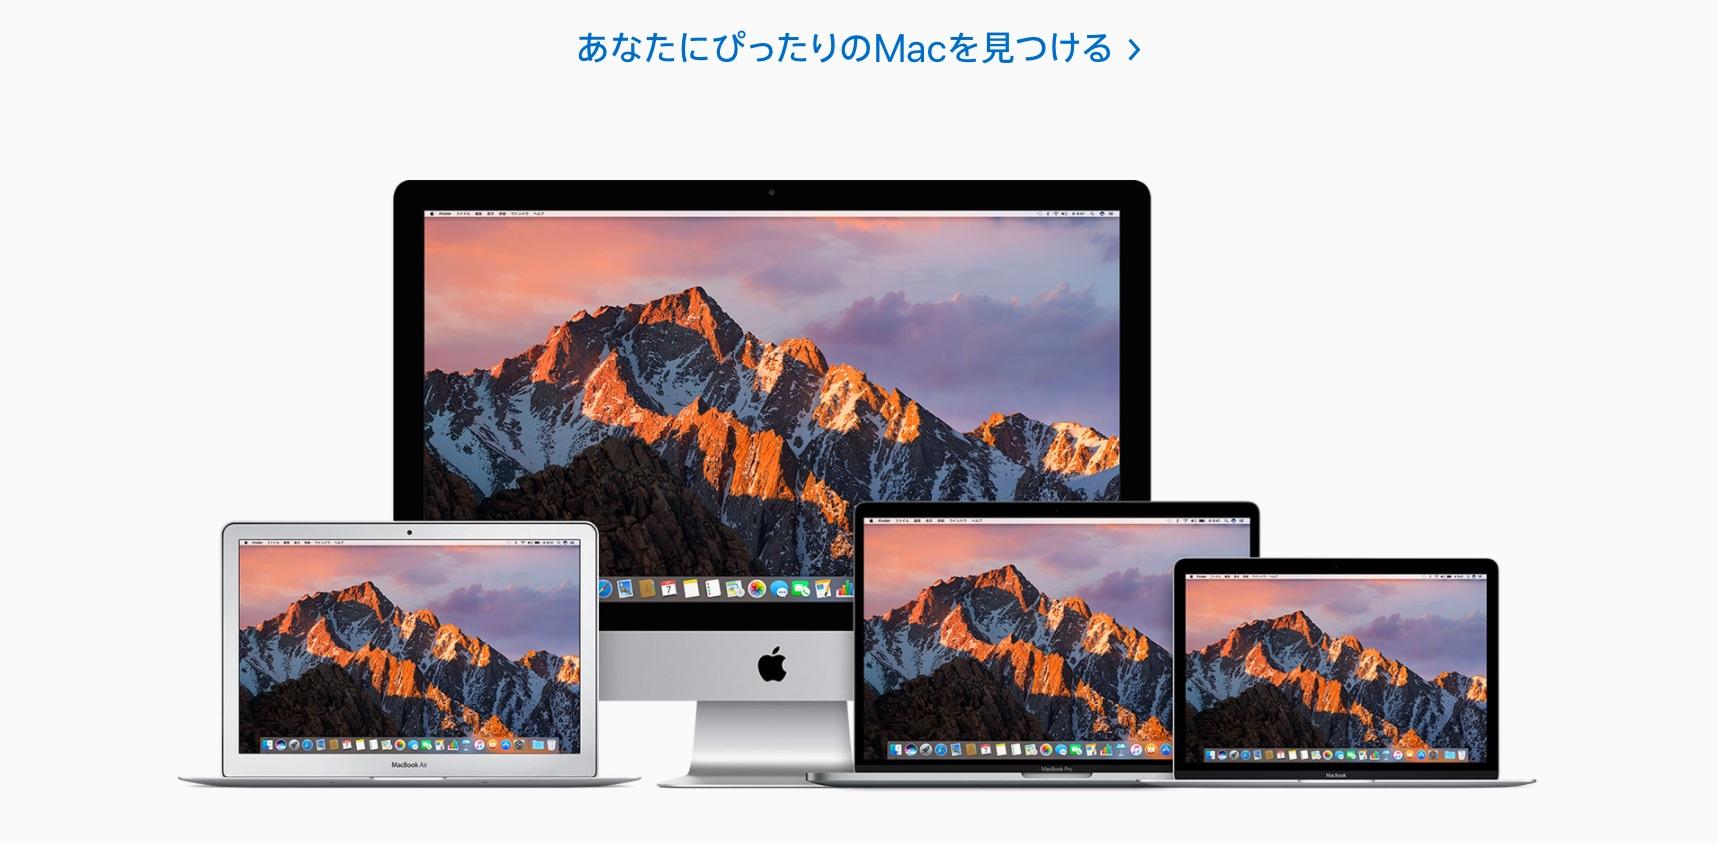 Macはどれを買えばいい?オススメMacをご紹介!(ノートブック編)